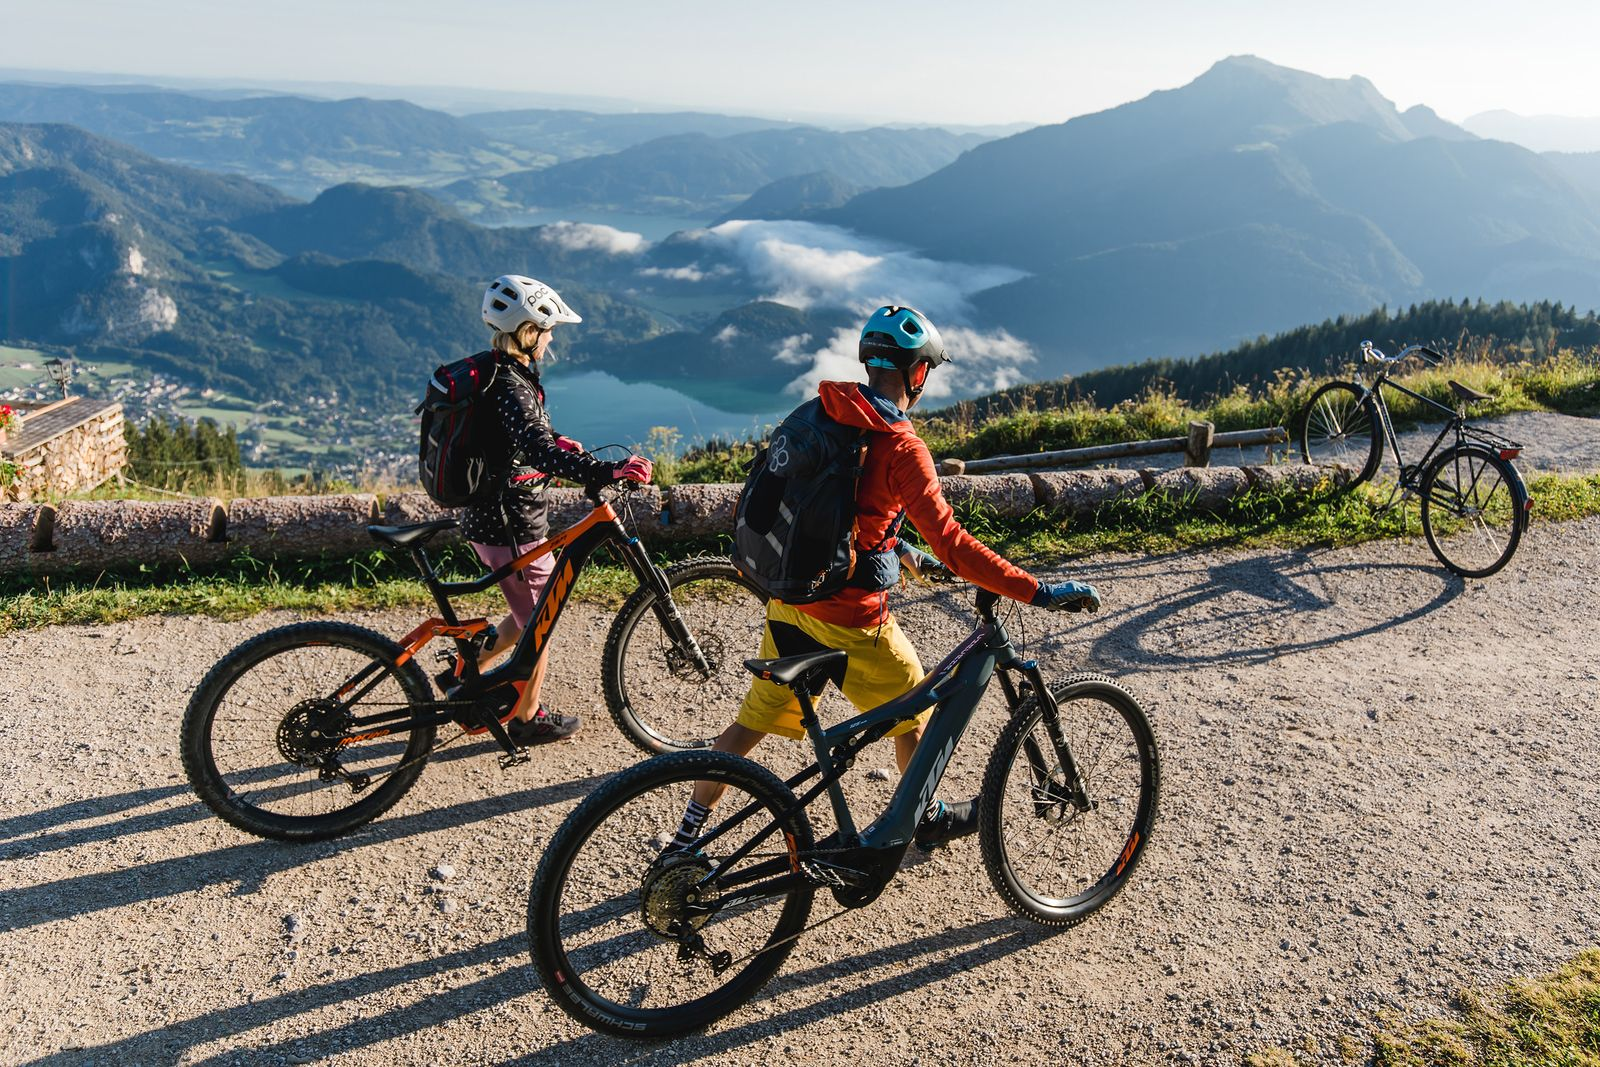 Fahrradtour und Fische gucken:Reisetipps für die Zukunft